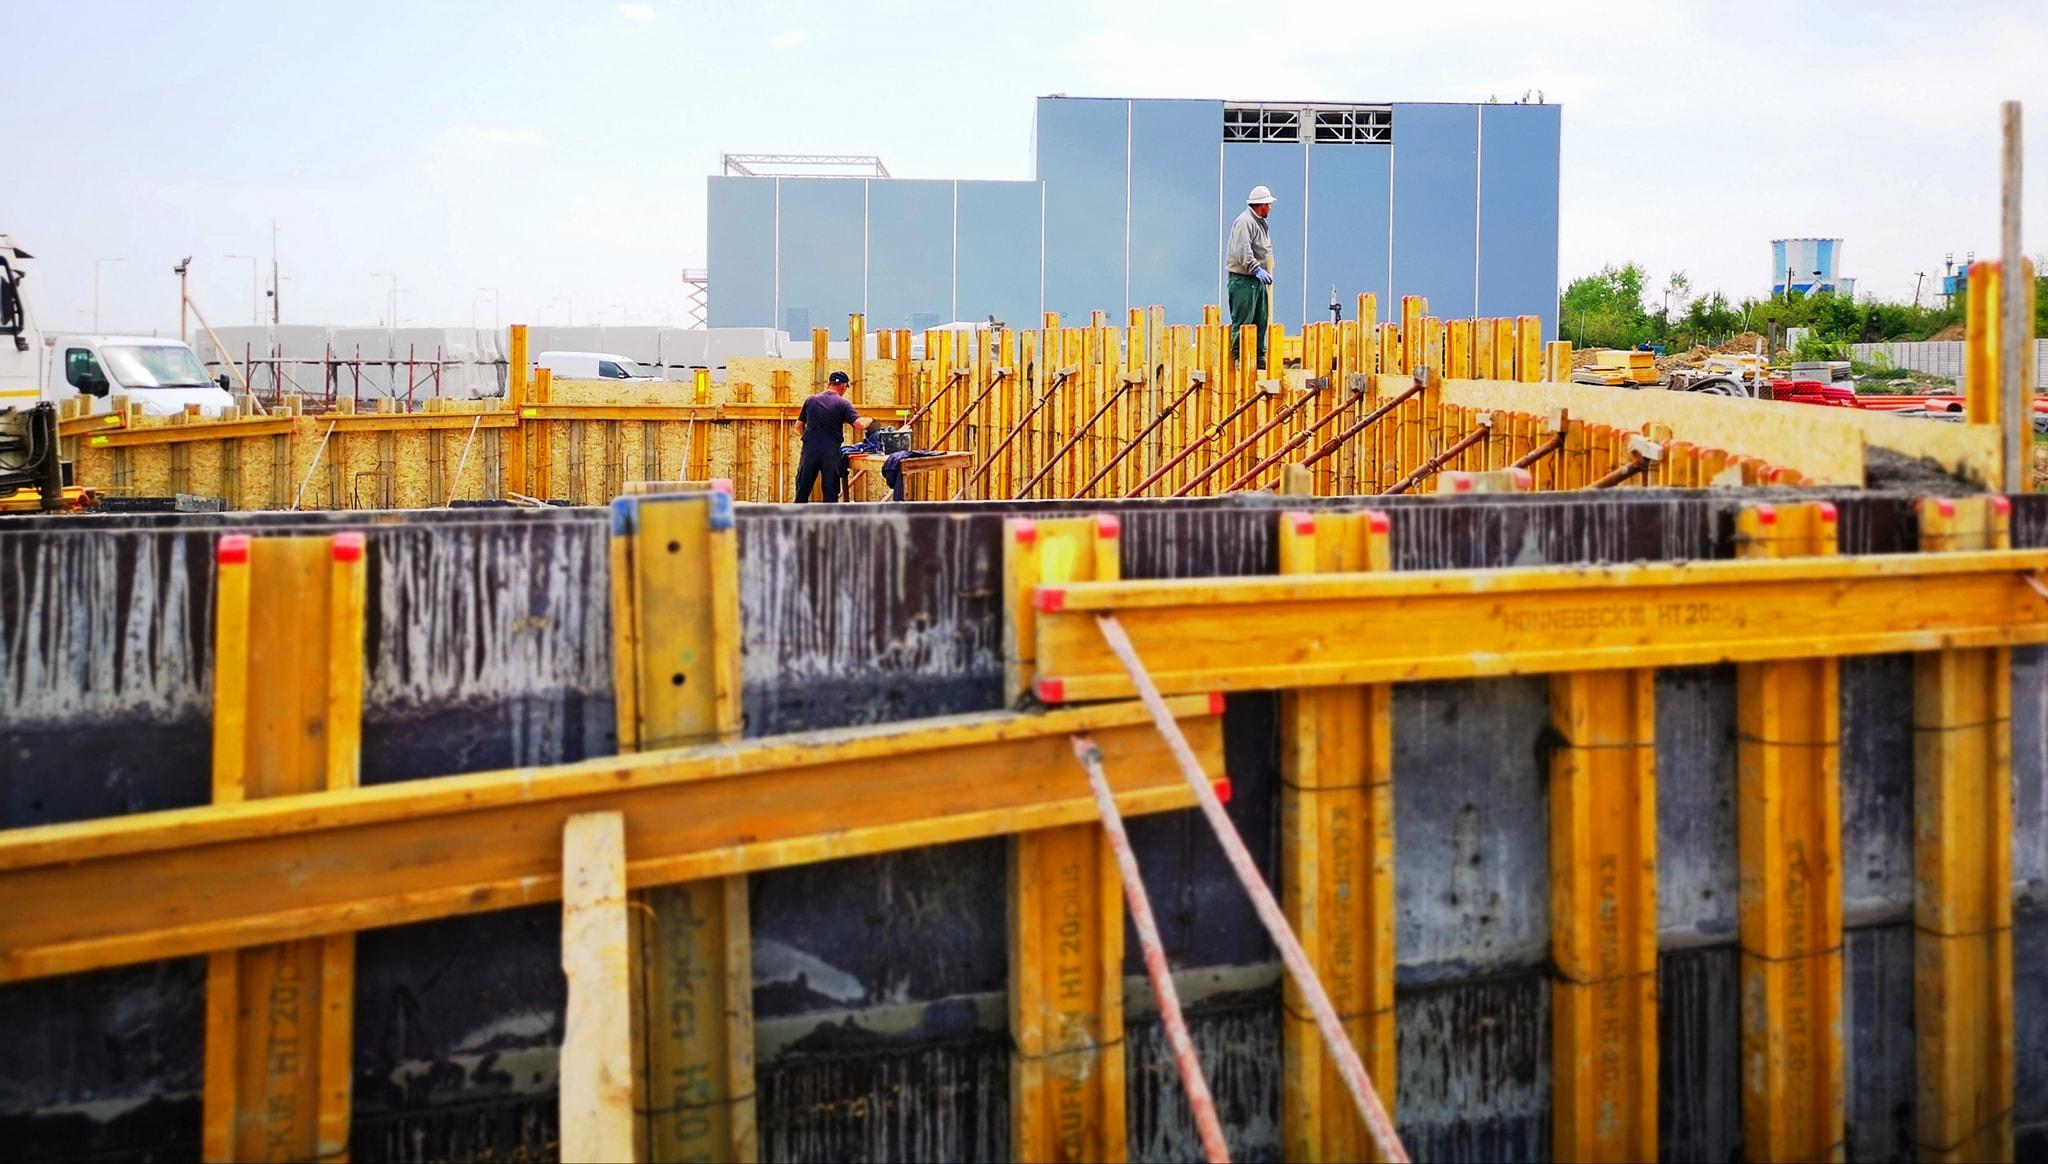 Continuă lucrările de amenajare a noului parc din zona UM Gară, de lângă viitorul complex comercial (mall).